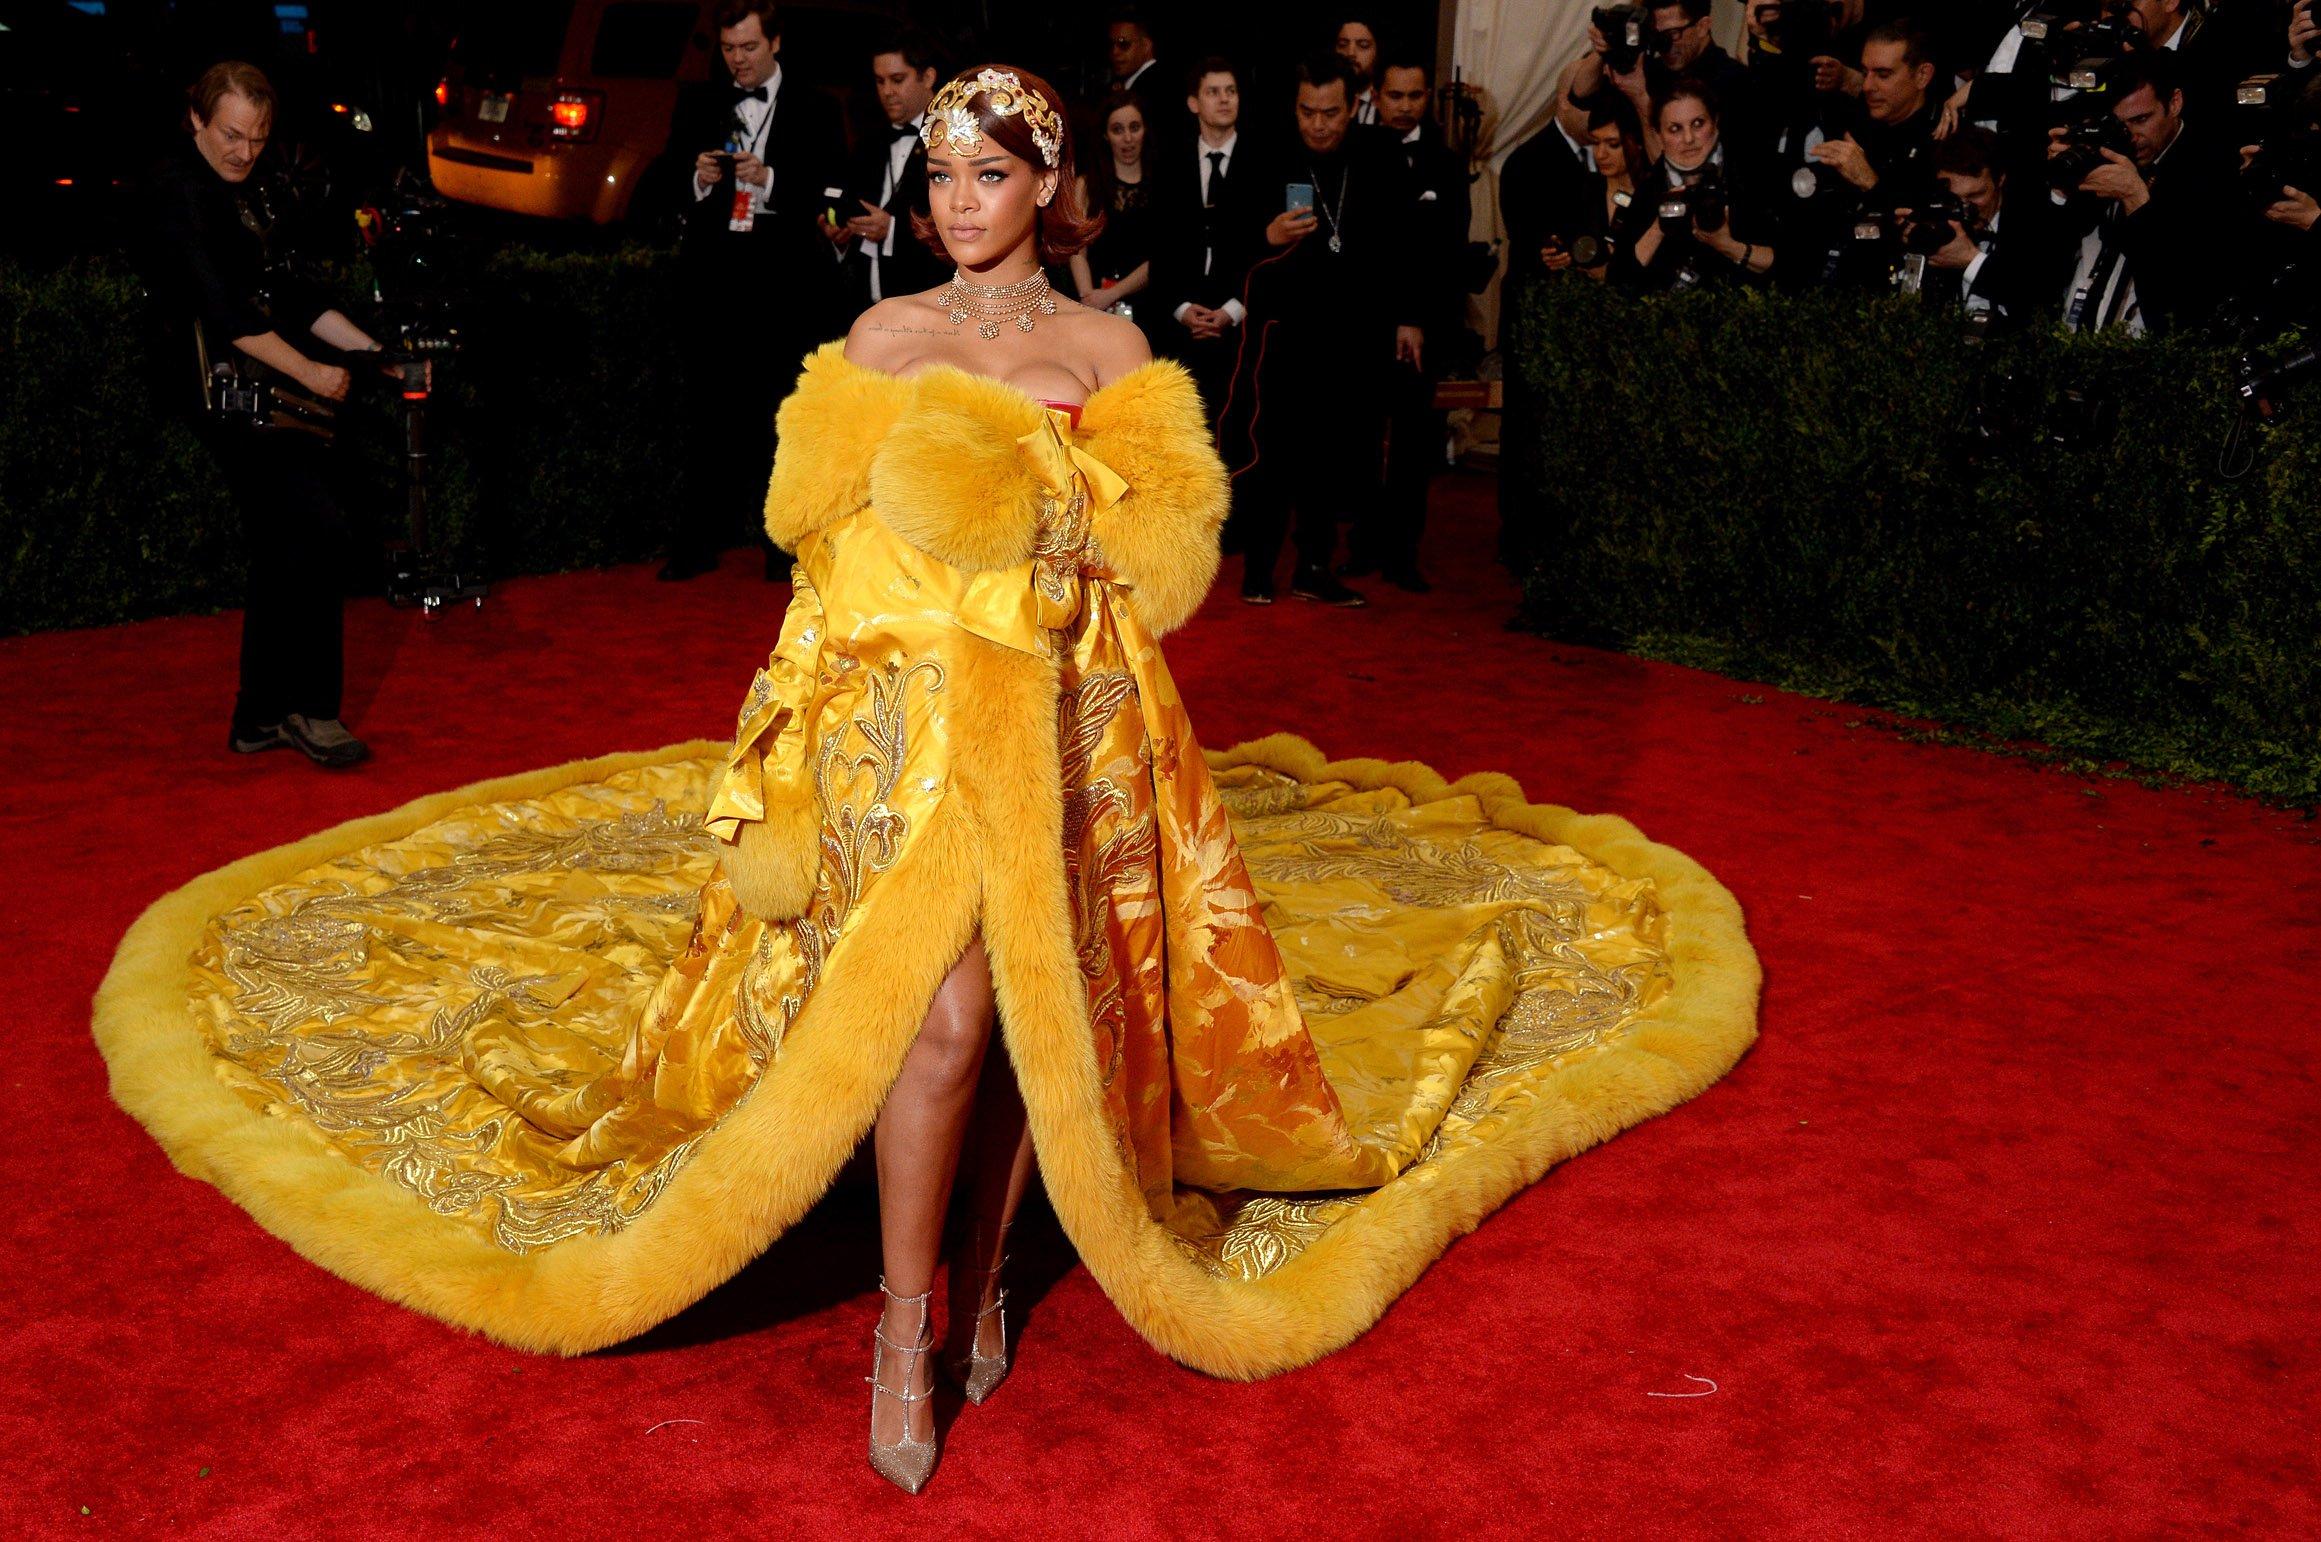 http://i-cms.journaldesfemmes.com/image_cms/original/10089598-rihanna-en-guo-pei-couture.jpg